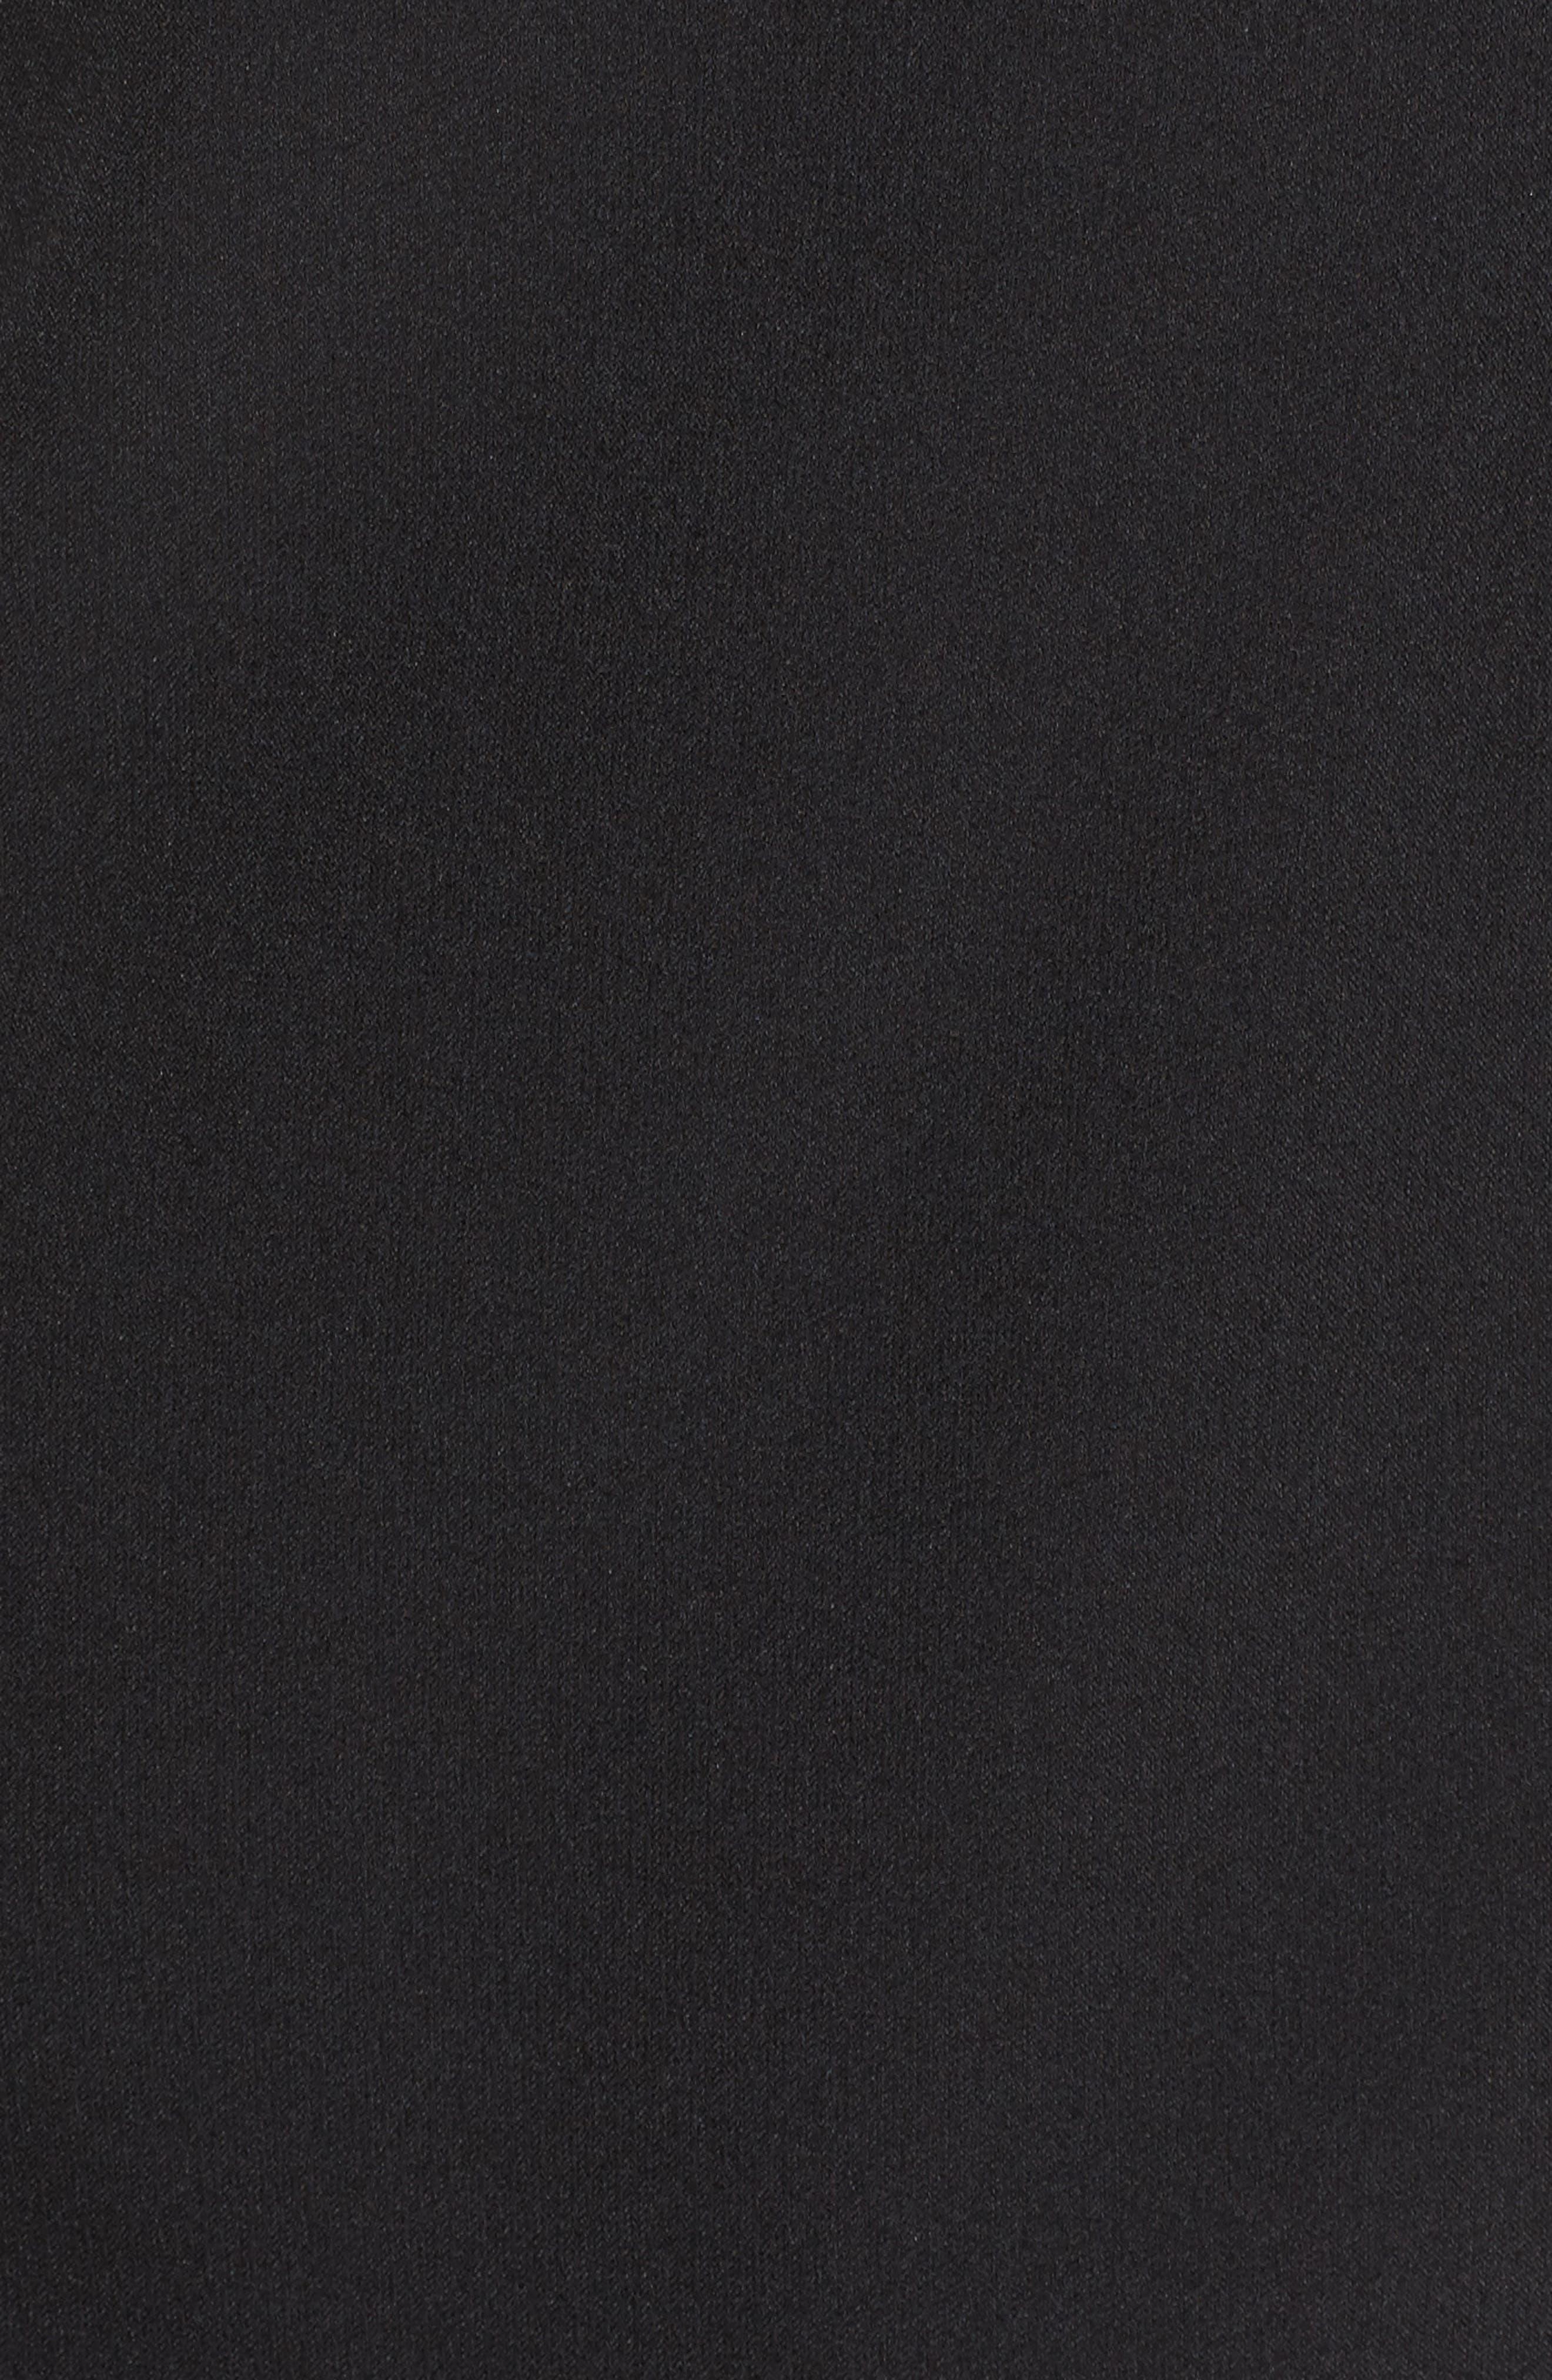 Lace & Crepe Sheath Dress,                             Alternate thumbnail 5, color,                             Black